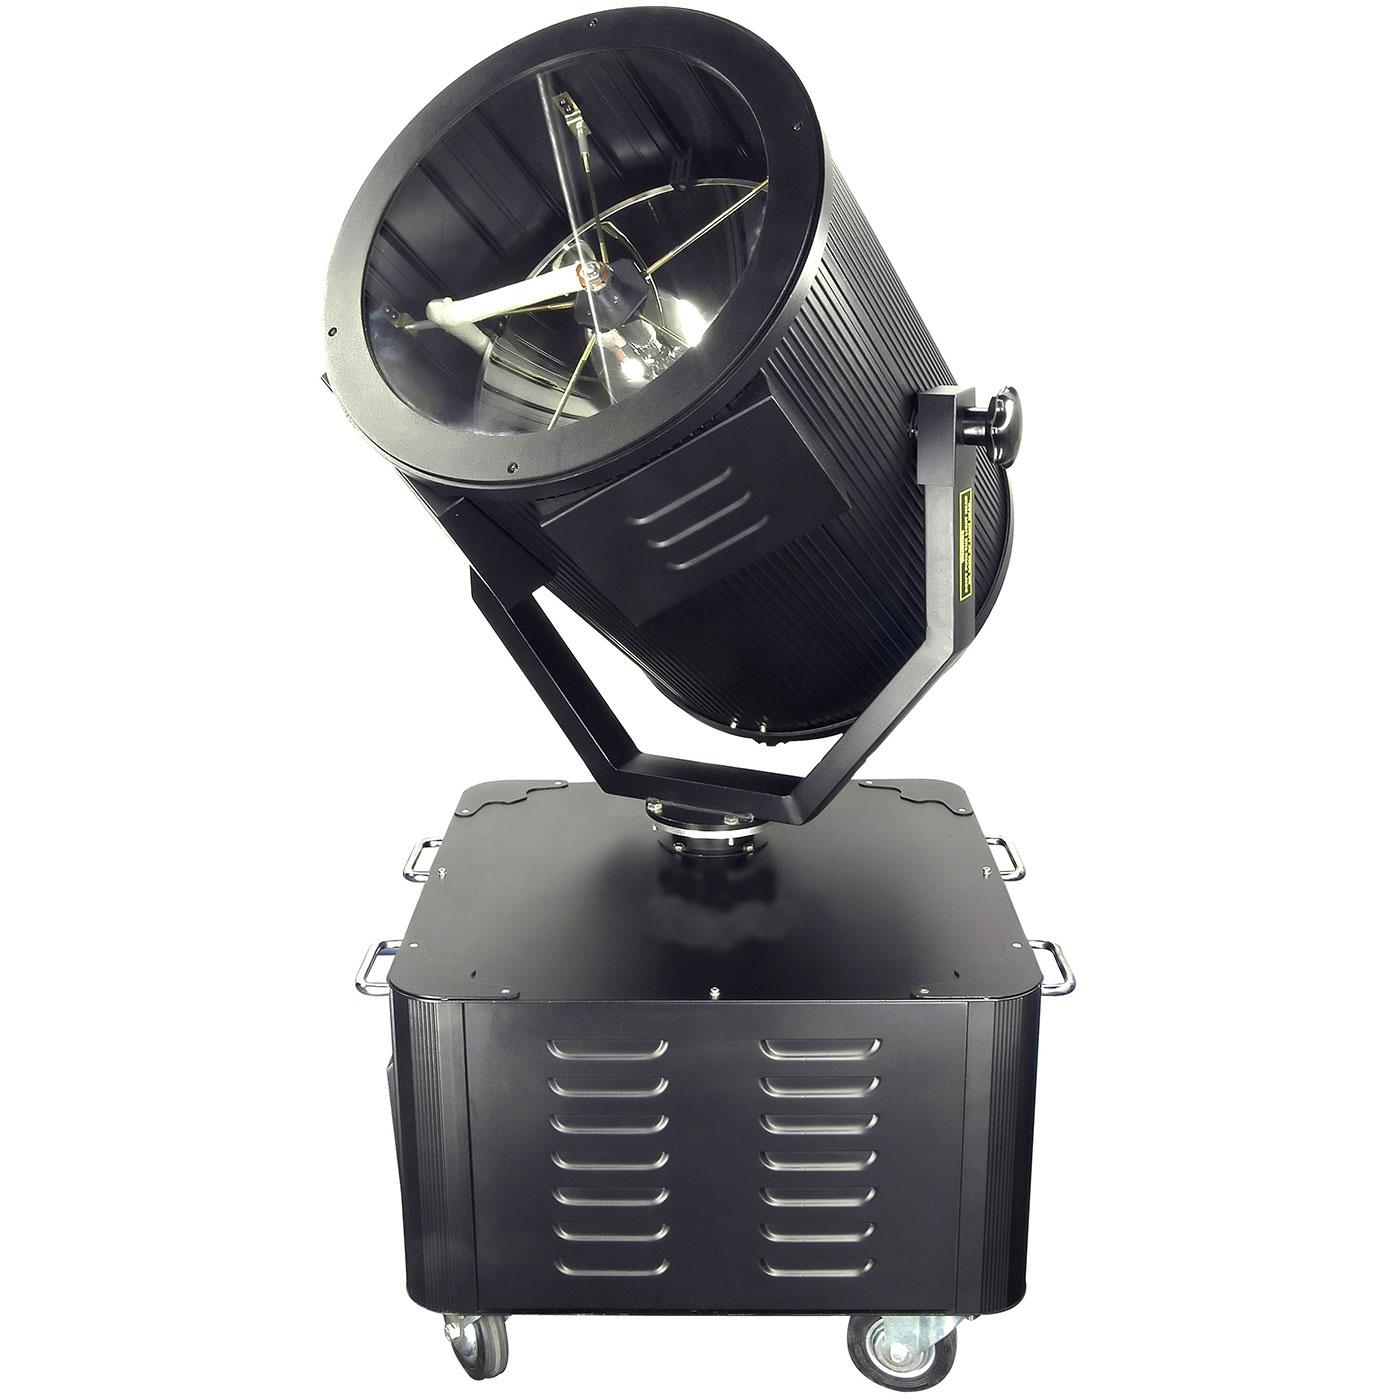 cho thue anh sang cho thue den chiu nuoc den roi troi skylight - Cho thuê đèn chiếu sáng sân khấu chống nước ngoài trời